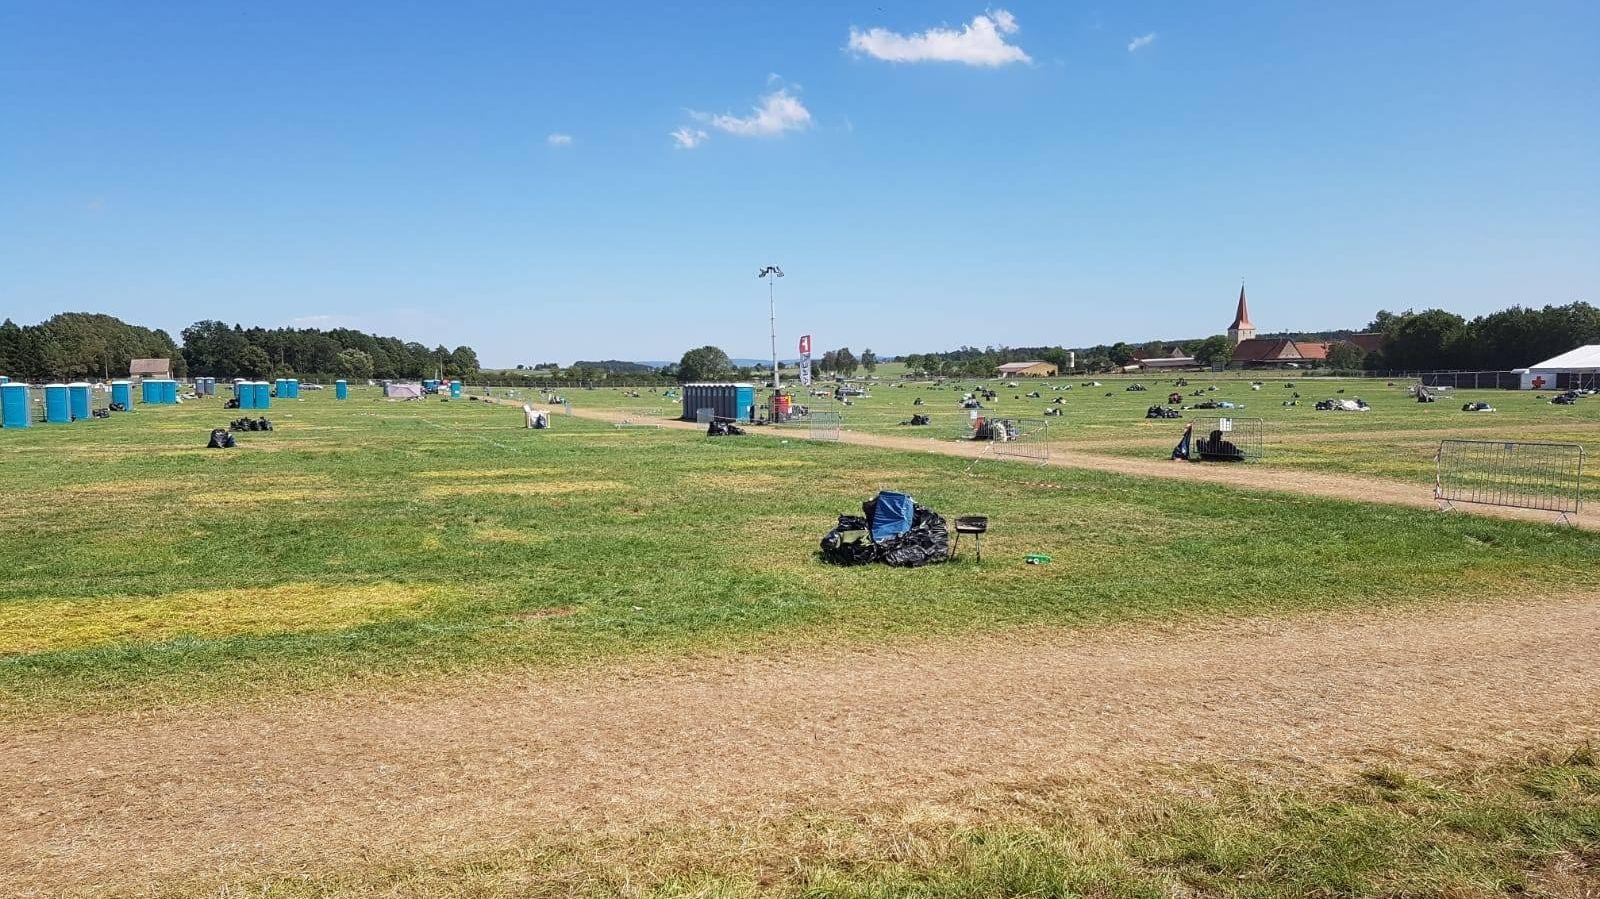 Der Campingplatz ist nach dem Summer Breeze Festival ist fast sauber – noch vor den Aufräumarbeiten der Organisatoren.